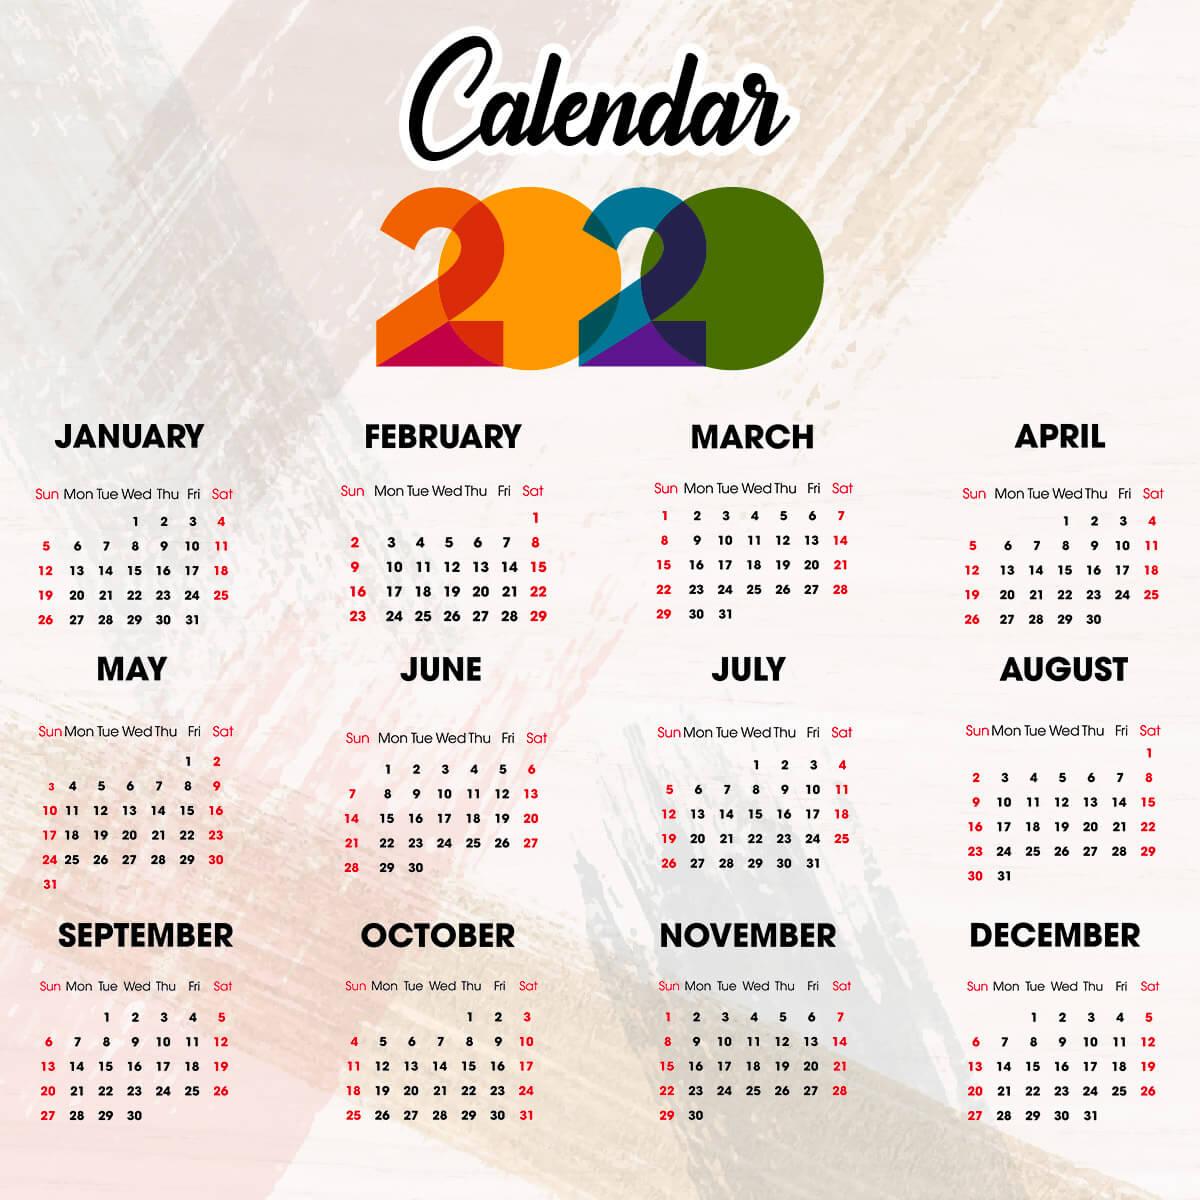 Calendarul Zilelor Libere In 2020 | Ziarul Profit with regard to Calendar 2020 Zile Libere